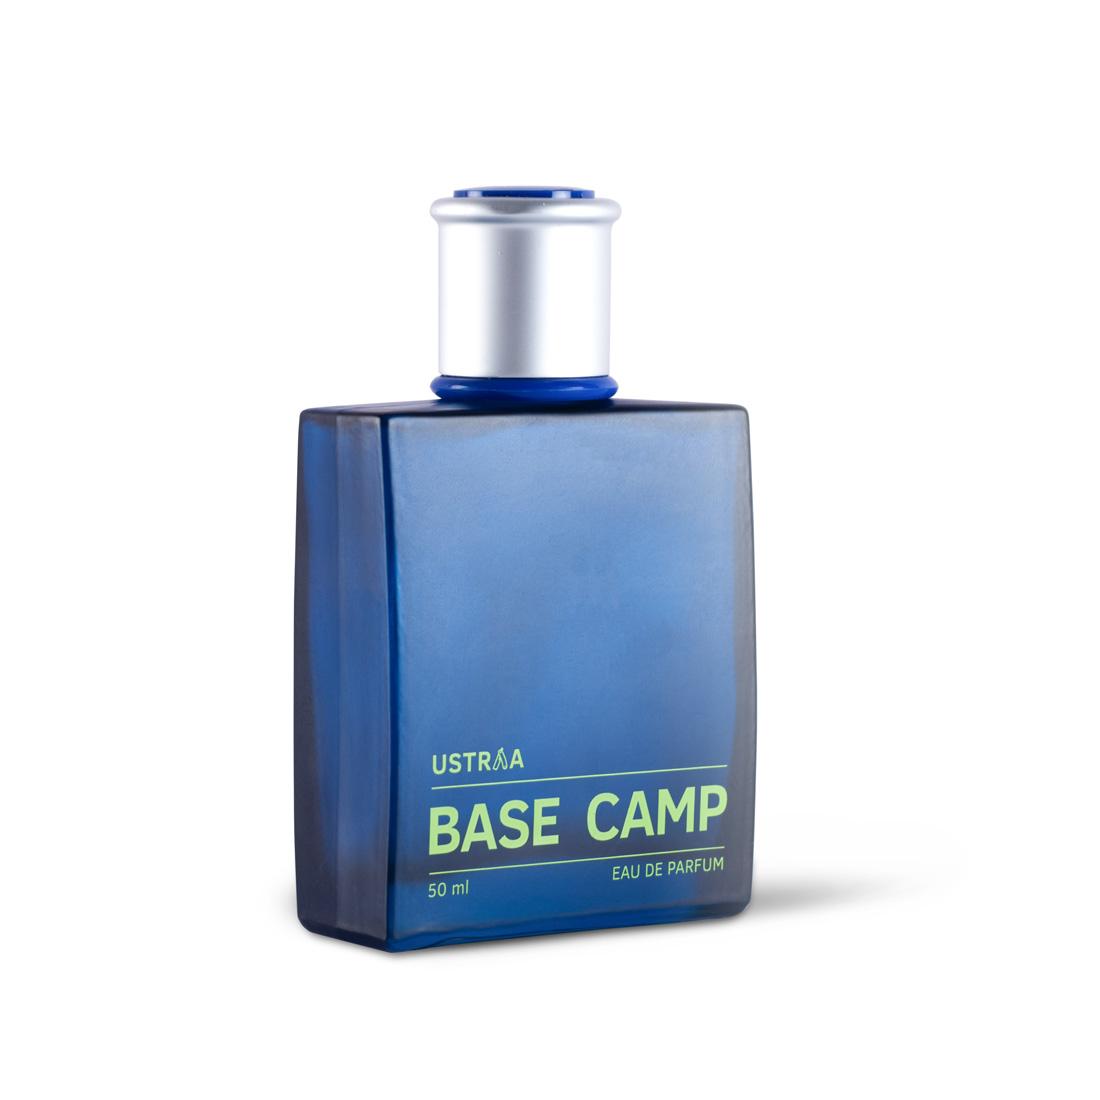 Eau de Parfum - Base Camp (50 ml)